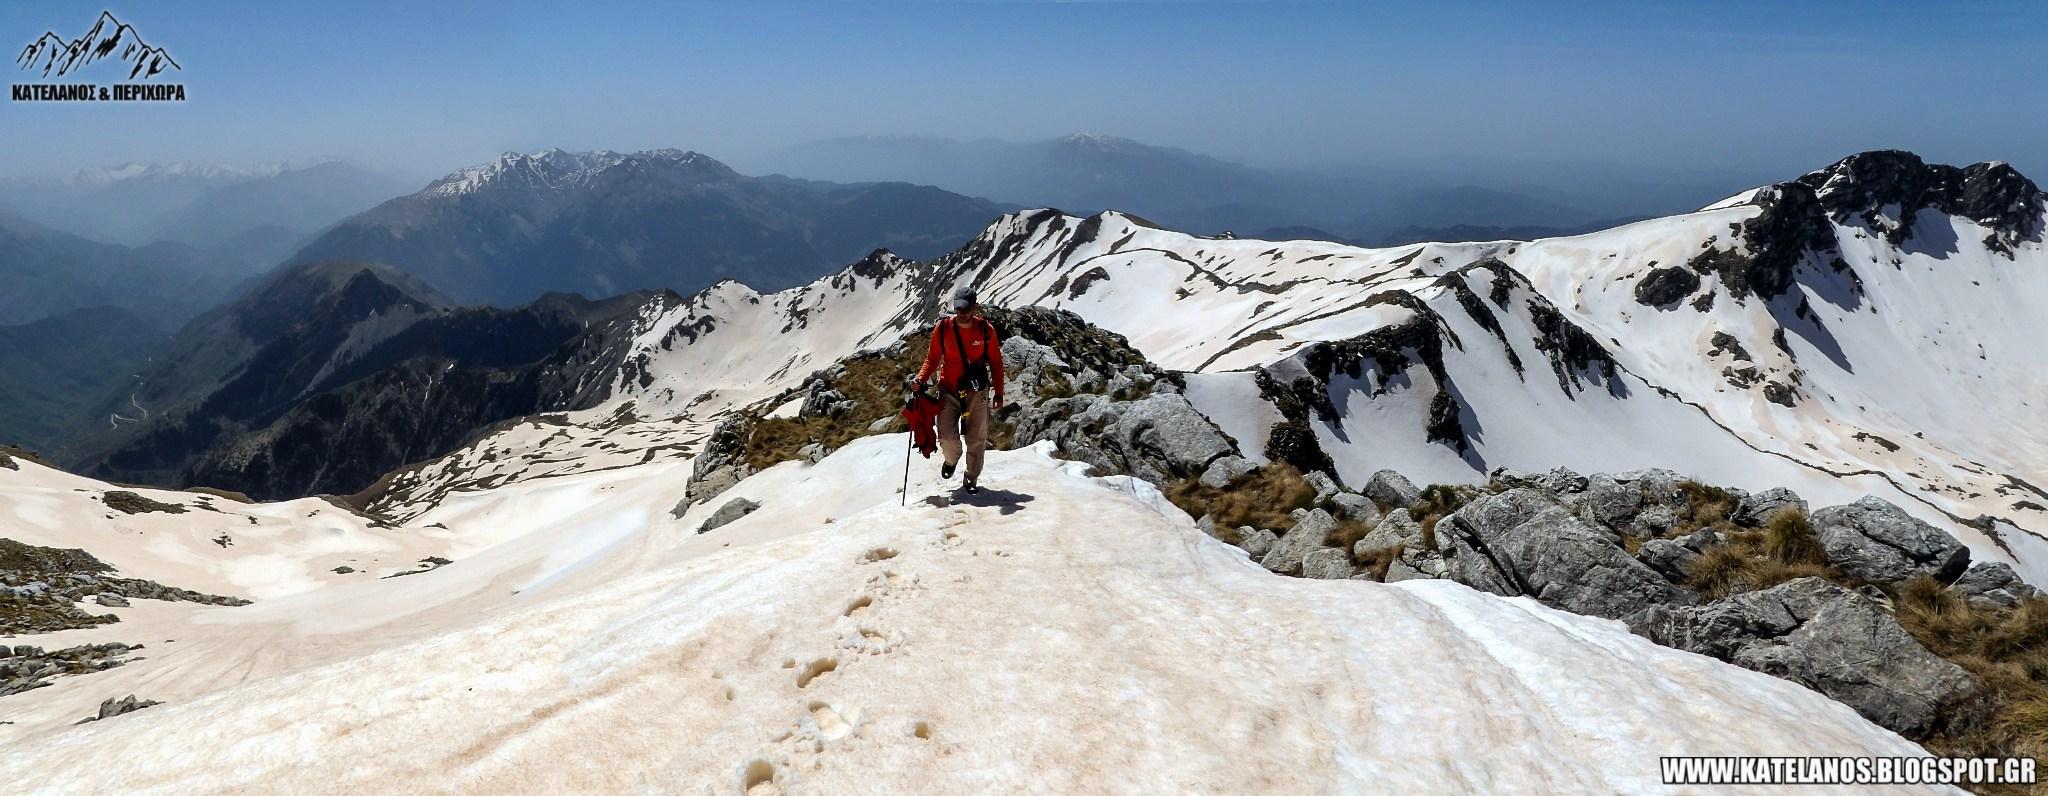 ορειβασια στα βουνα των τρικαλων ορος χατζη